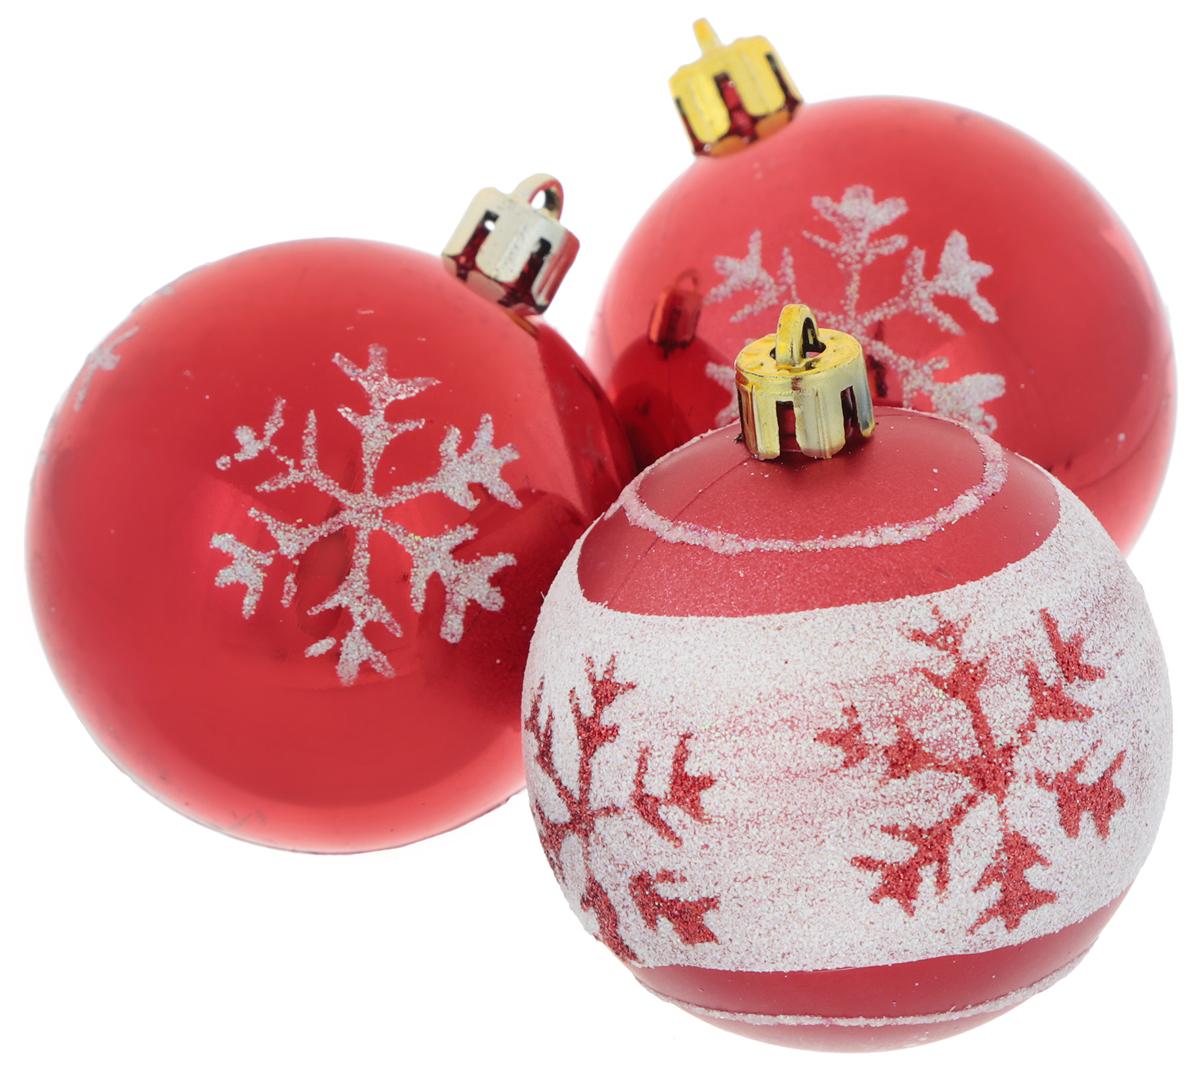 Набор новогодних подвесных украшений EuroHouse Снежинки, цвет: белый, красный, диаметр 6 см, 3 штЕХ9268_1 красный/2 красный, белыйНабор новогодних подвесных украшений EuroHouse прекрасно подойдет для праздничного декора новогодней ели. Набор состоит из 2 пластиковых украшений в виде глянцевых шаров и 1 матового с белой полоской. Для удобного размещения на елке для каждого изделия предусмотрена текстильная петелька. Елочная игрушка - символ Нового года. Она несет в себе волшебство и красоту праздника. Создайте в своем доме атмосферу веселья и радости, украшая новогоднюю елку нарядными игрушками, которые будут из года в год накапливать теплоту воспоминаний.